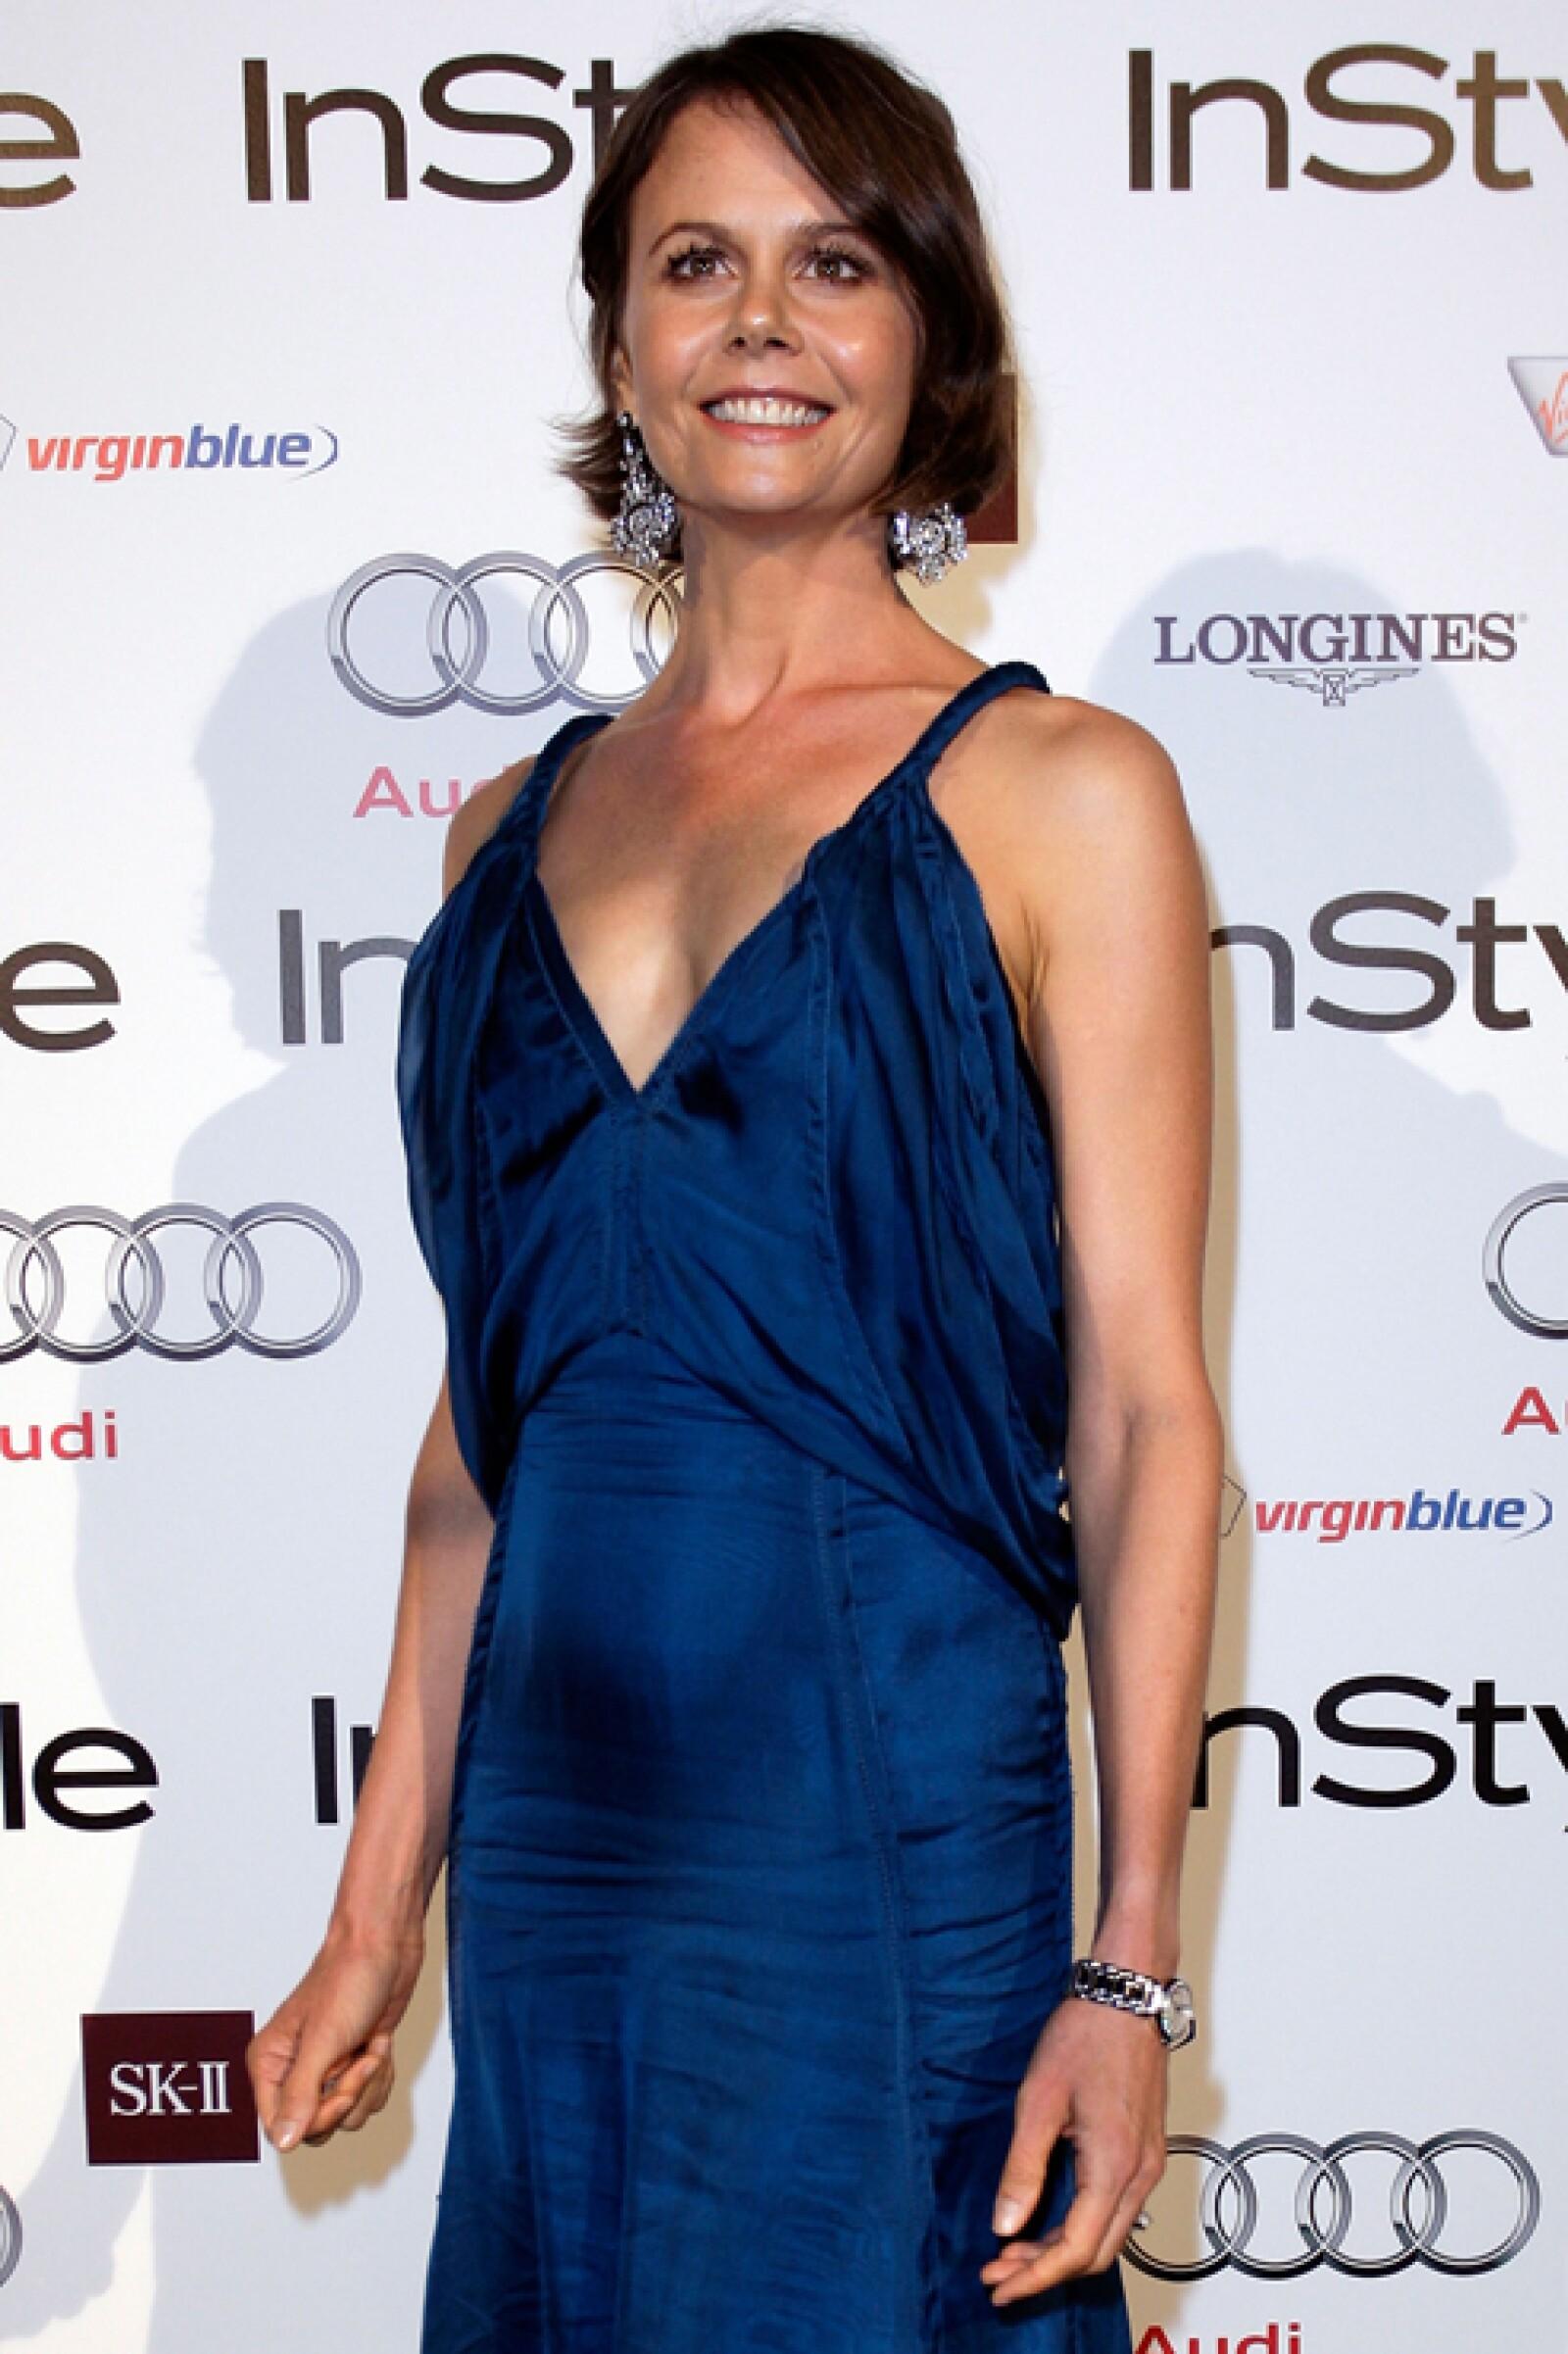 Antonia Kidman también es muy reconocida en Australia, pero ¿es tan guapa como su hermana Nicole?